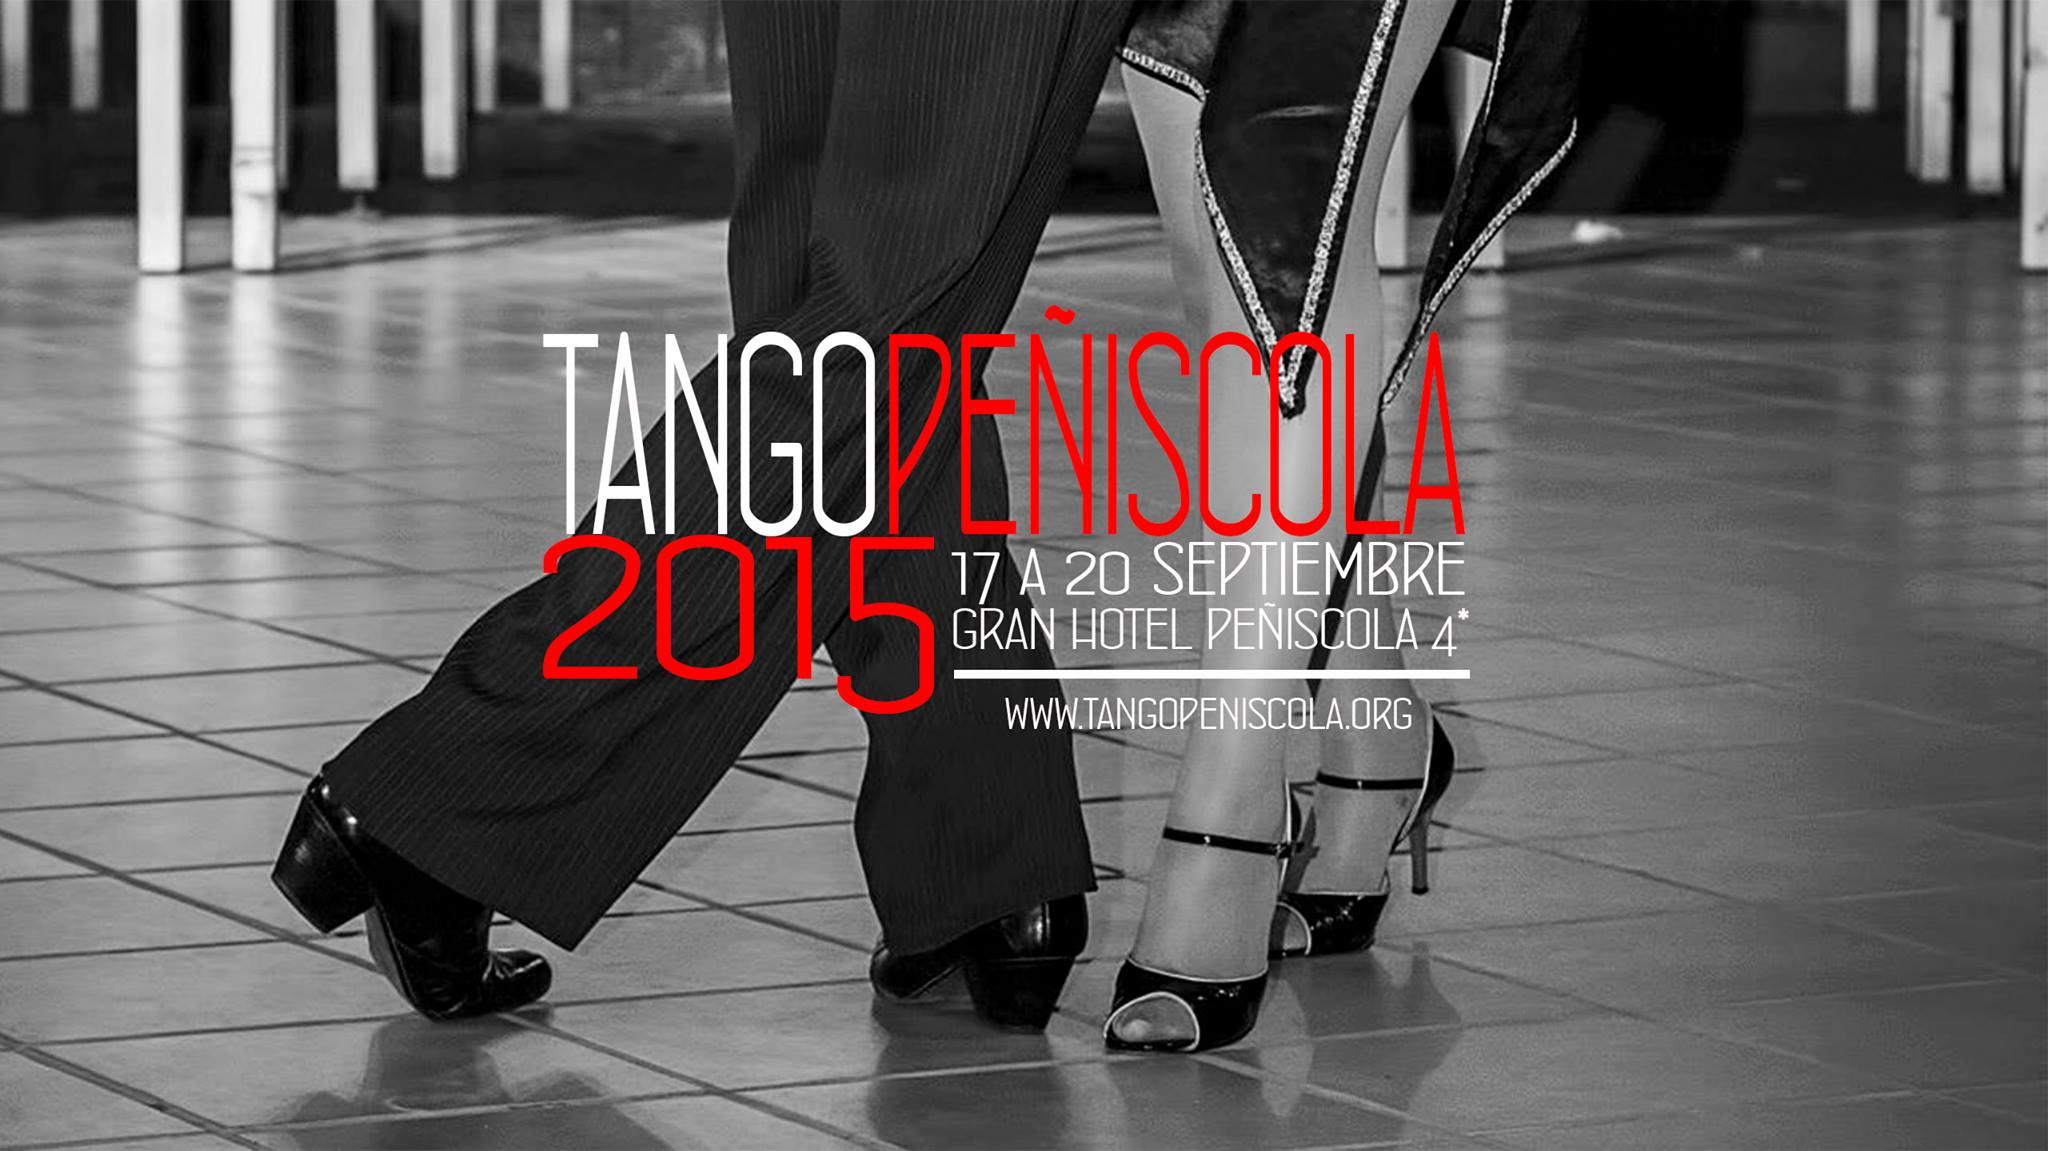 FESTIVAL PENISCOLA 2015.jpg